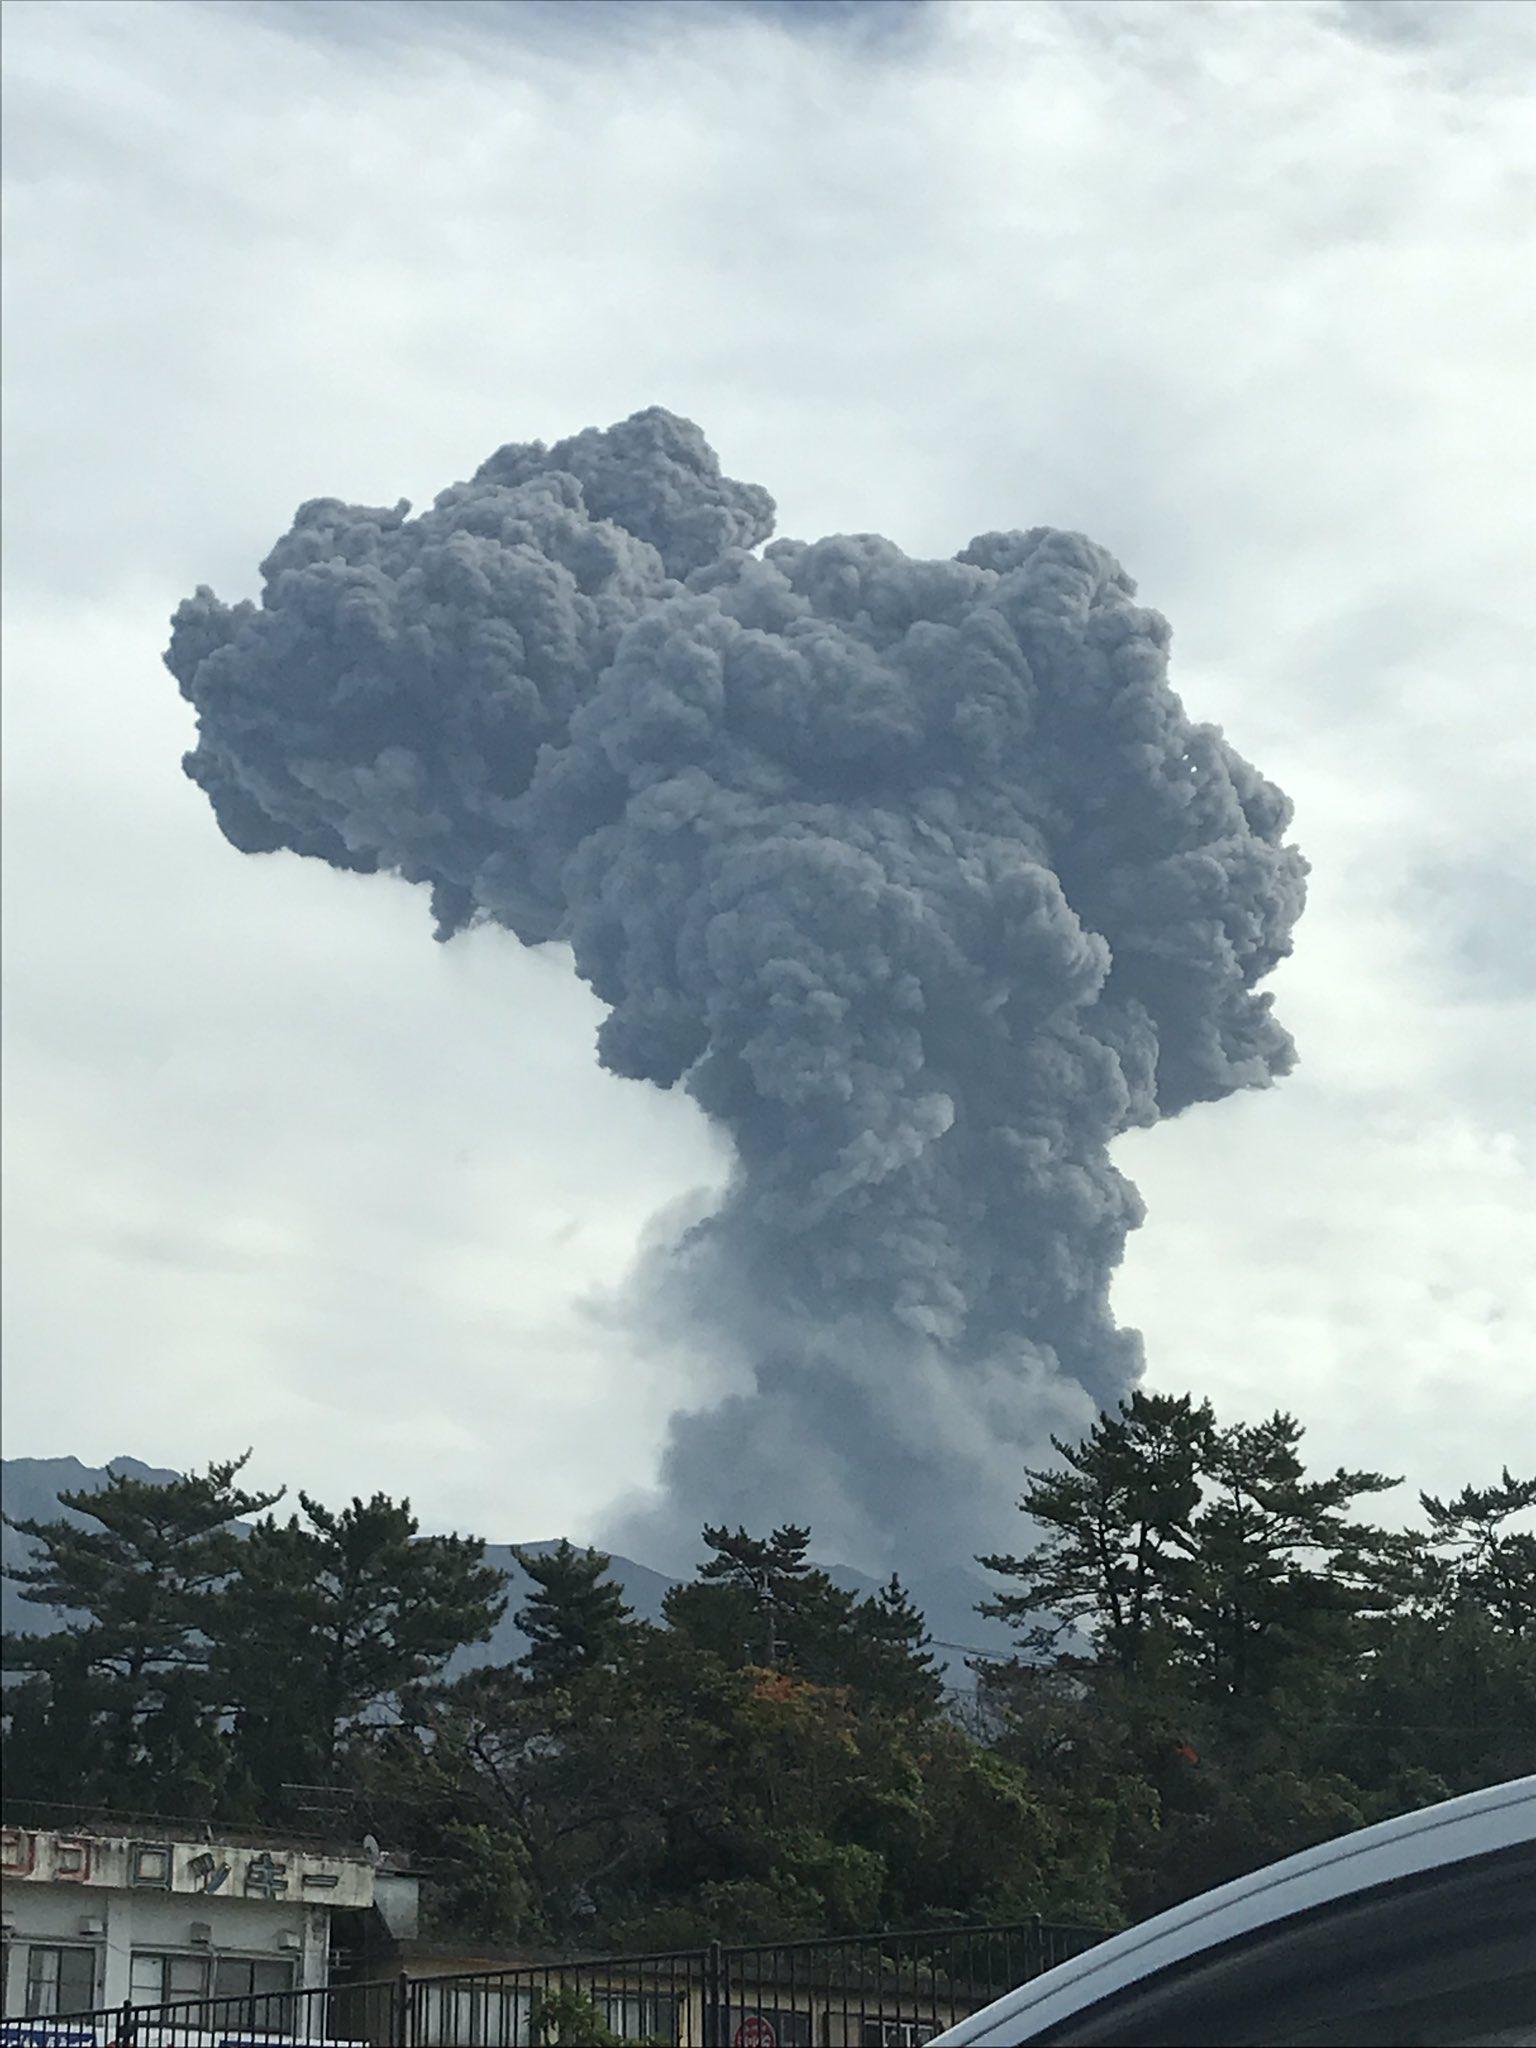 画像,桜島噴火!🌋 https://t.co/qUeZWU6zFX。